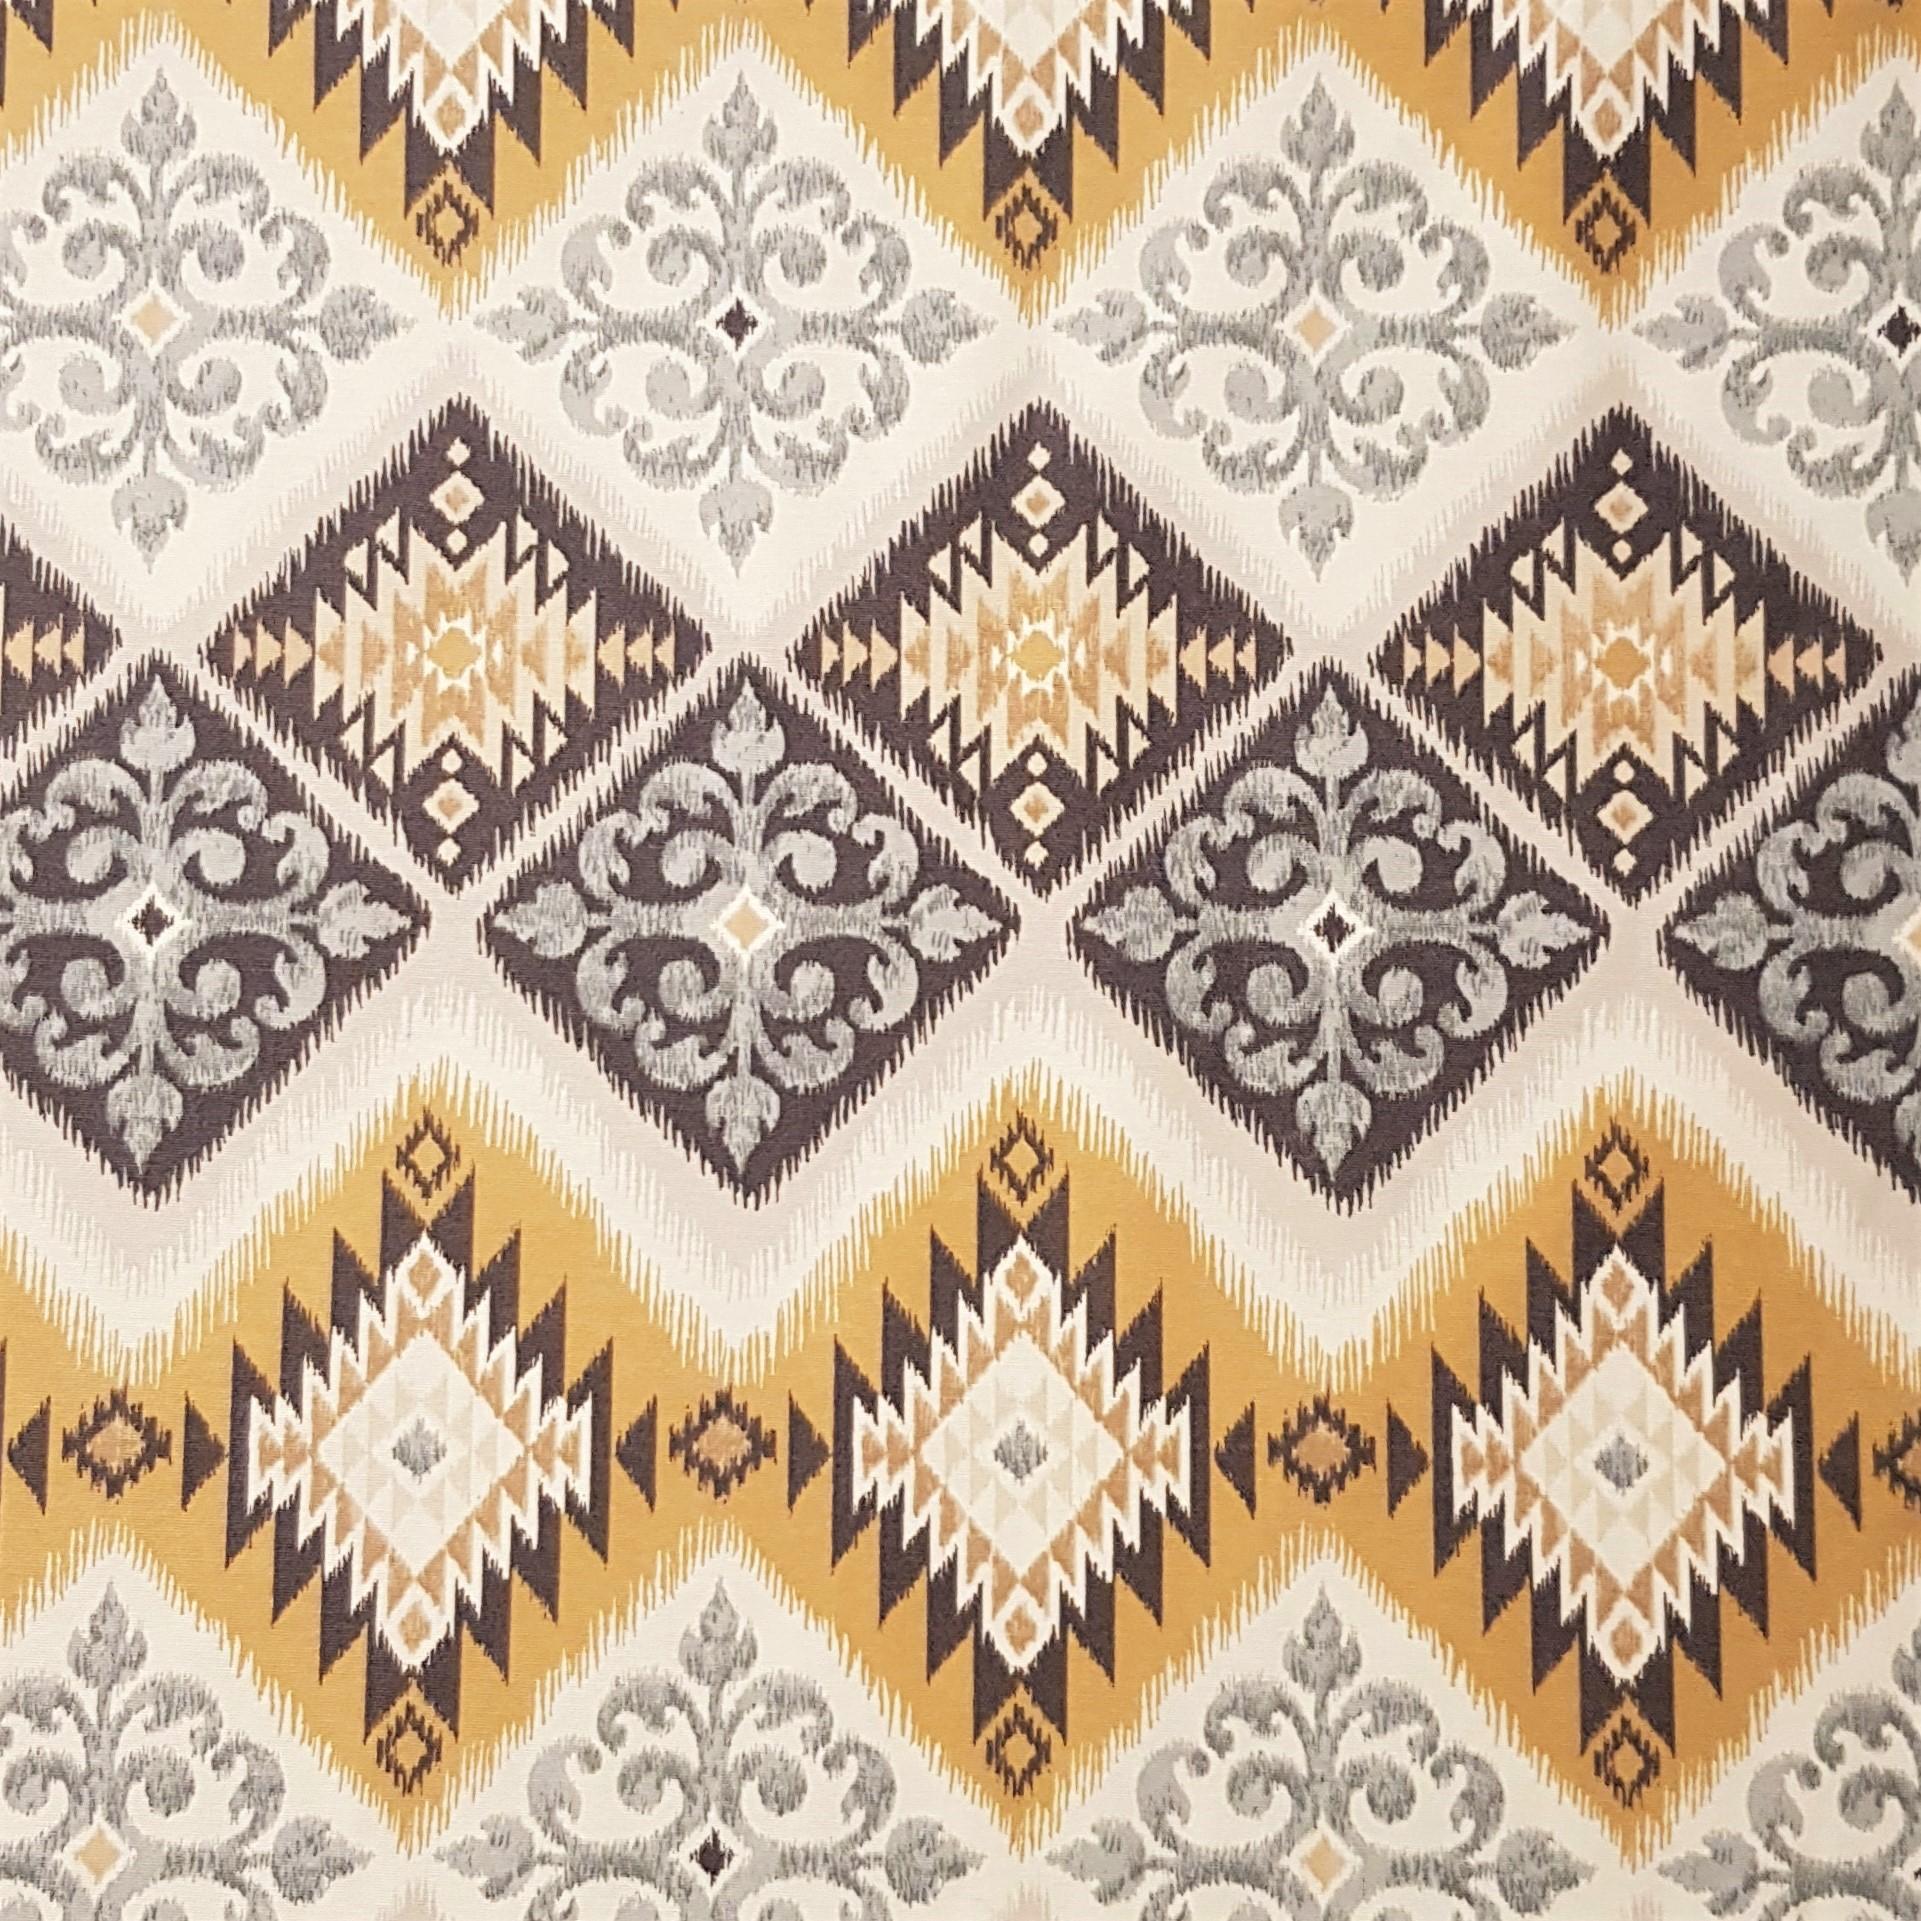 Mantel KILIMGRIS Rectangular 1,5x2,1 m [retirooenvíoen 5·7díashábiles]